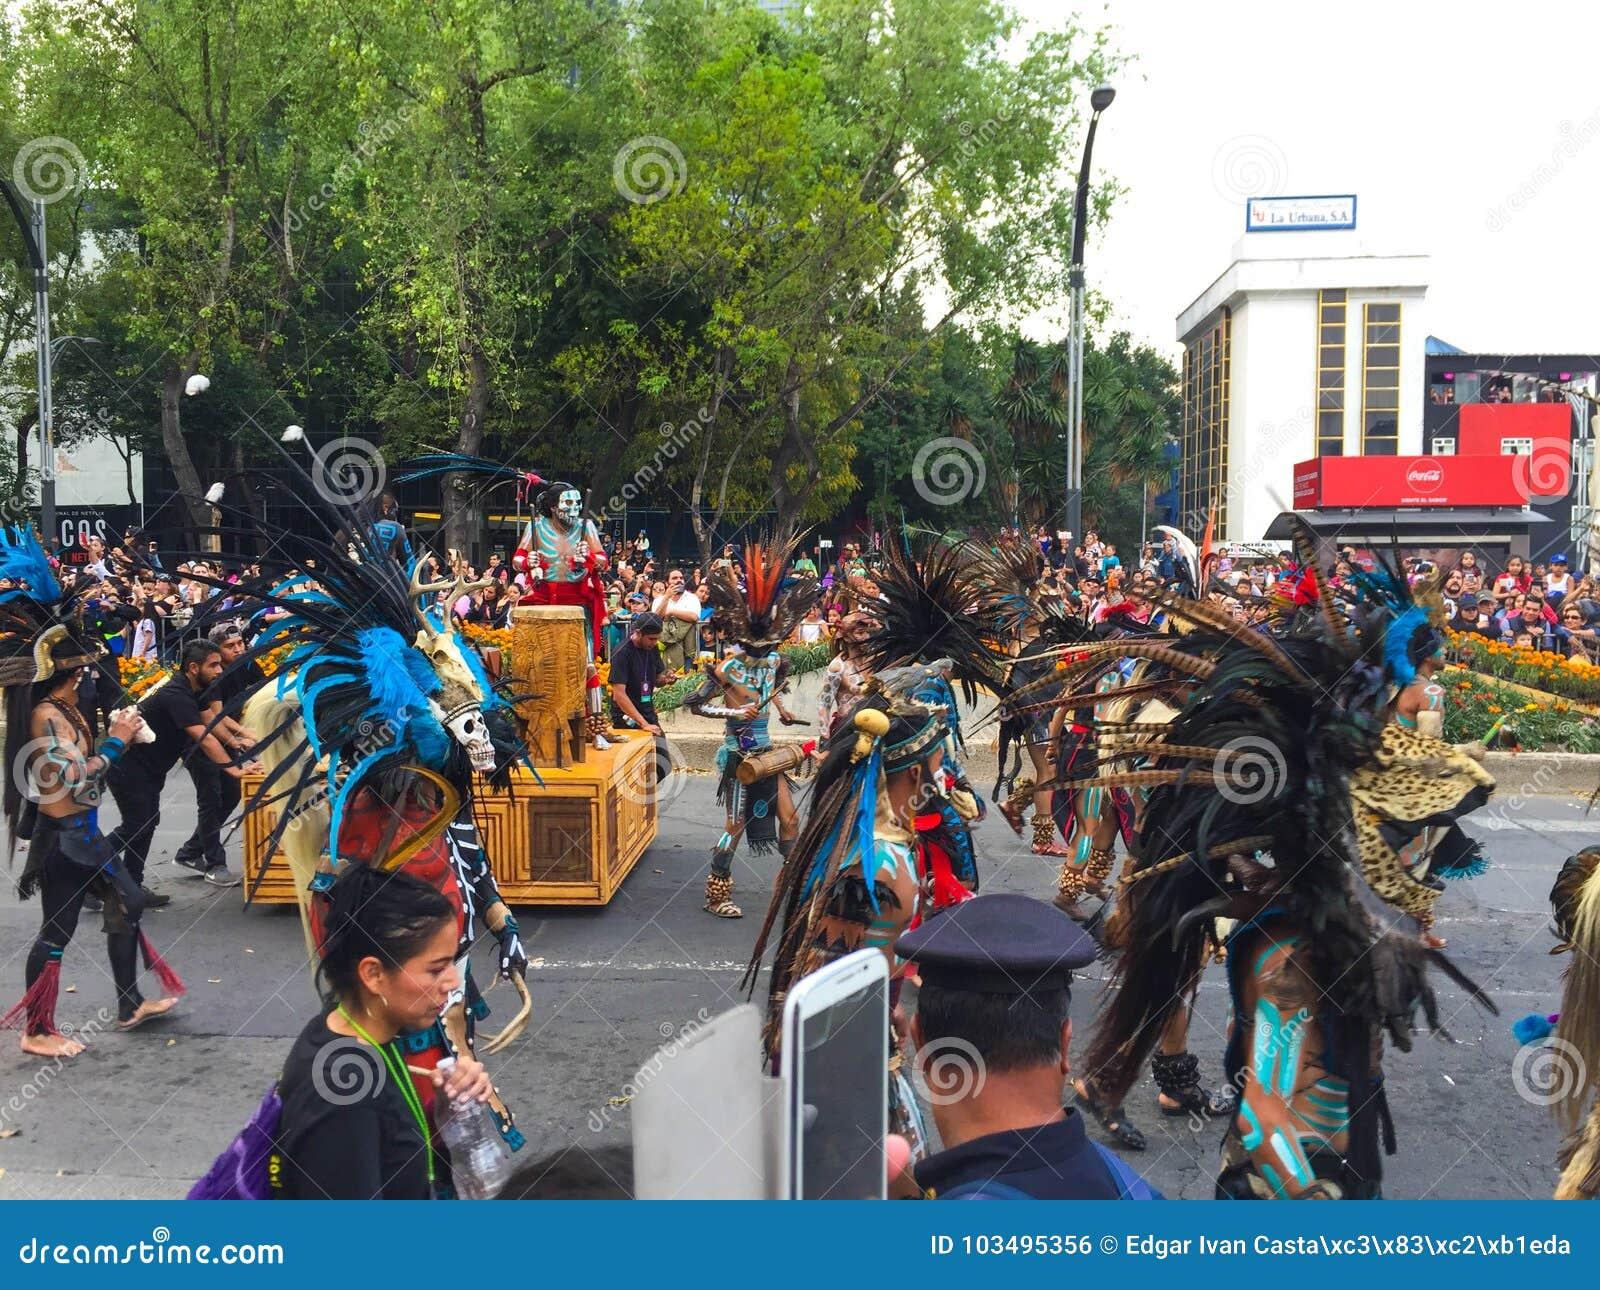 Aztekische Tänzer am Tag des Todes führen vor